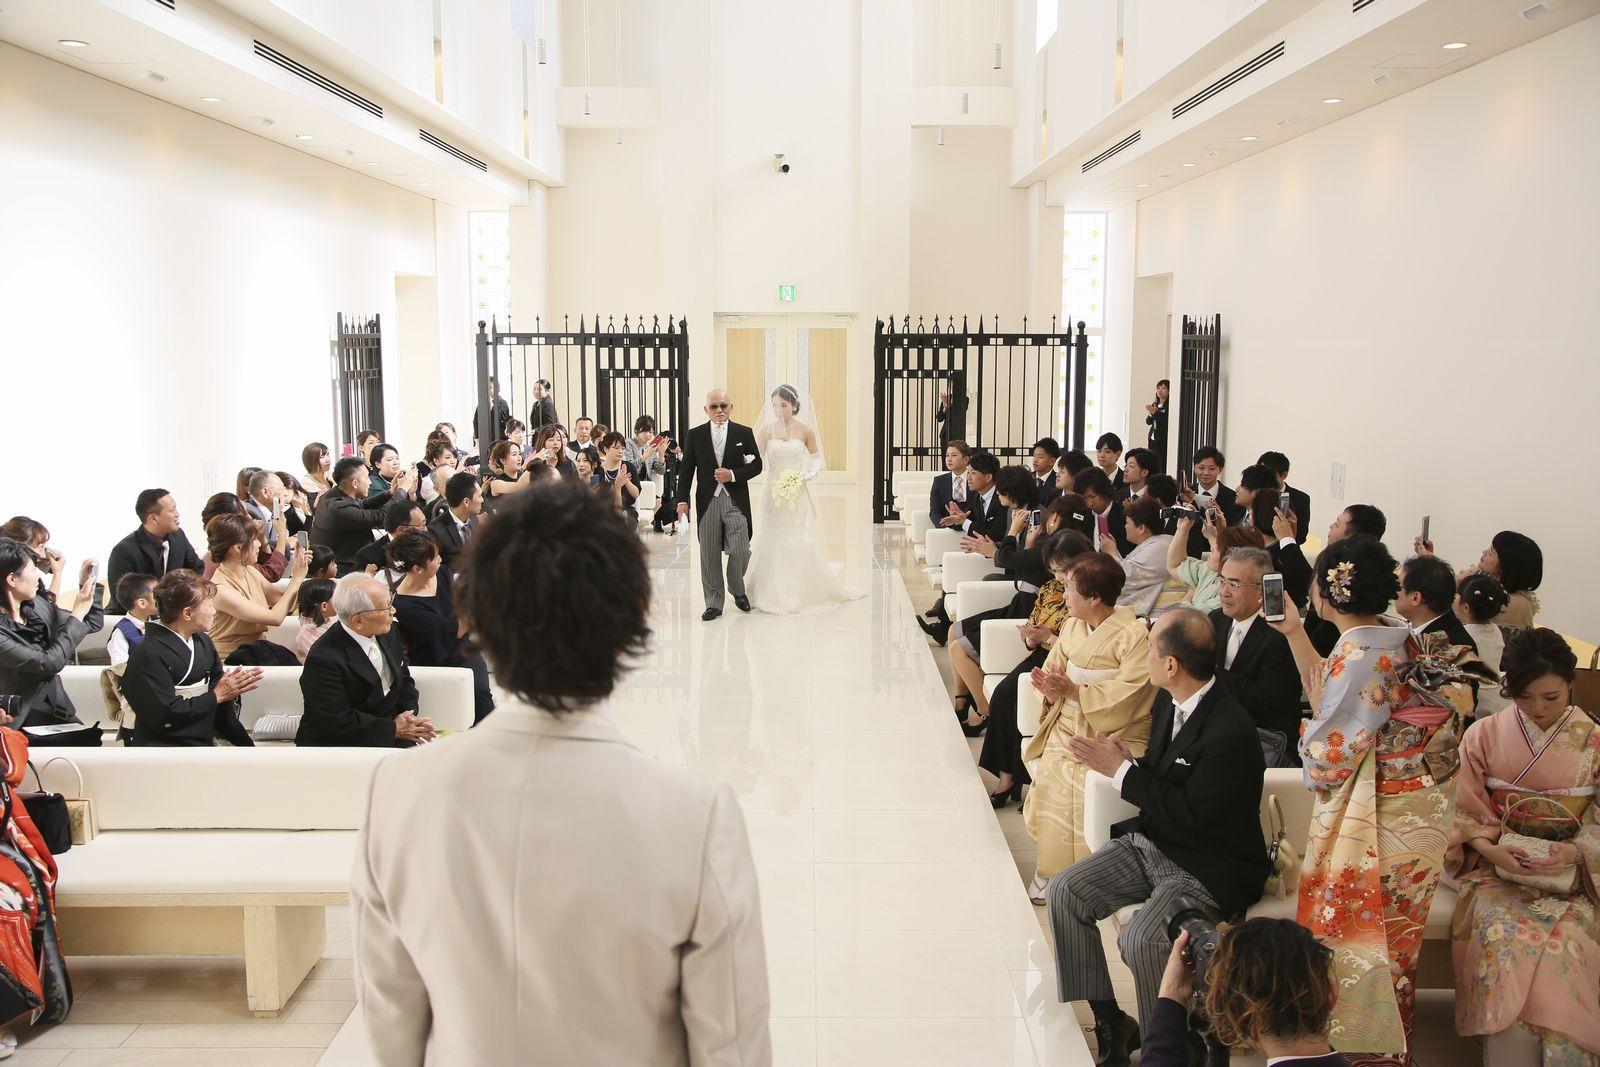 徳島市の結婚式場ブランアンジュのチャペルで新婦父にエスコートされながら入場する新婦